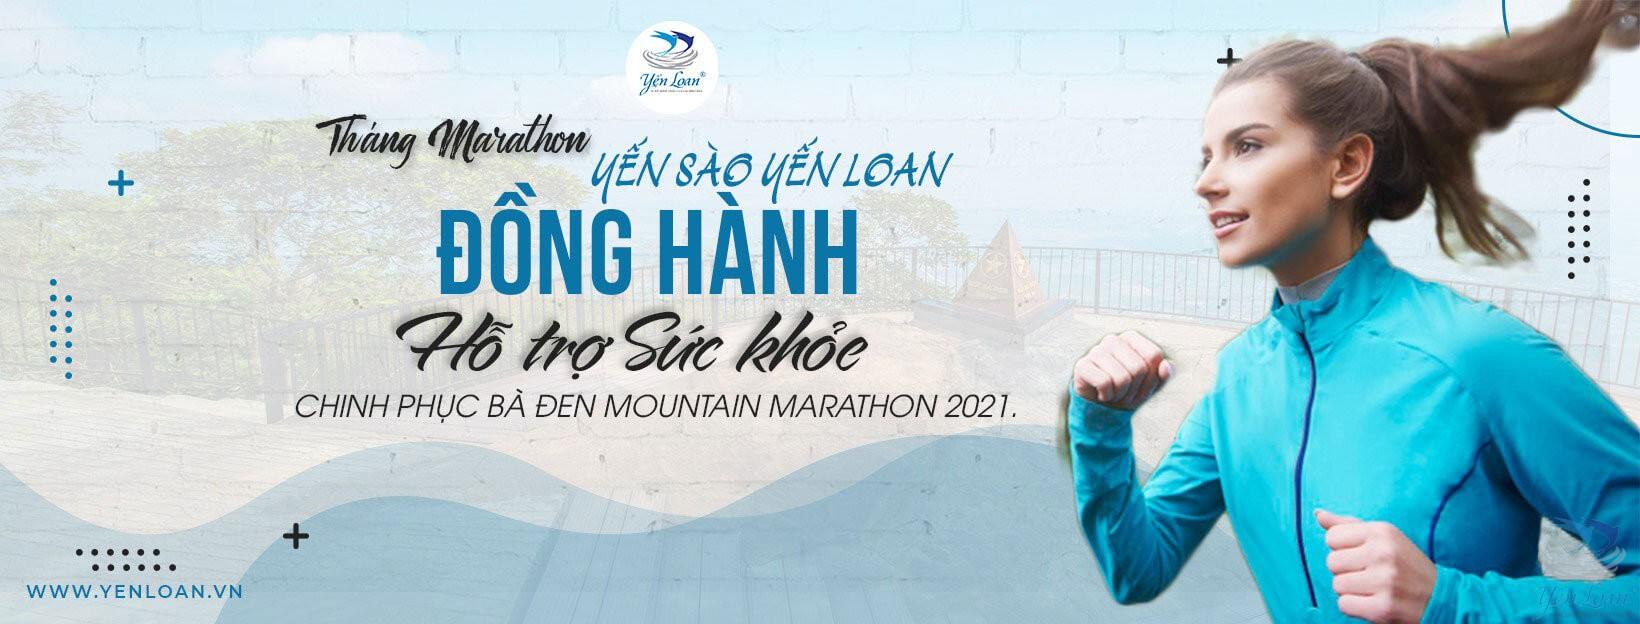 """Baden Mountain Marathon Tây Ninh lan tỏa thông điệp """"Bước chạy xanh"""""""